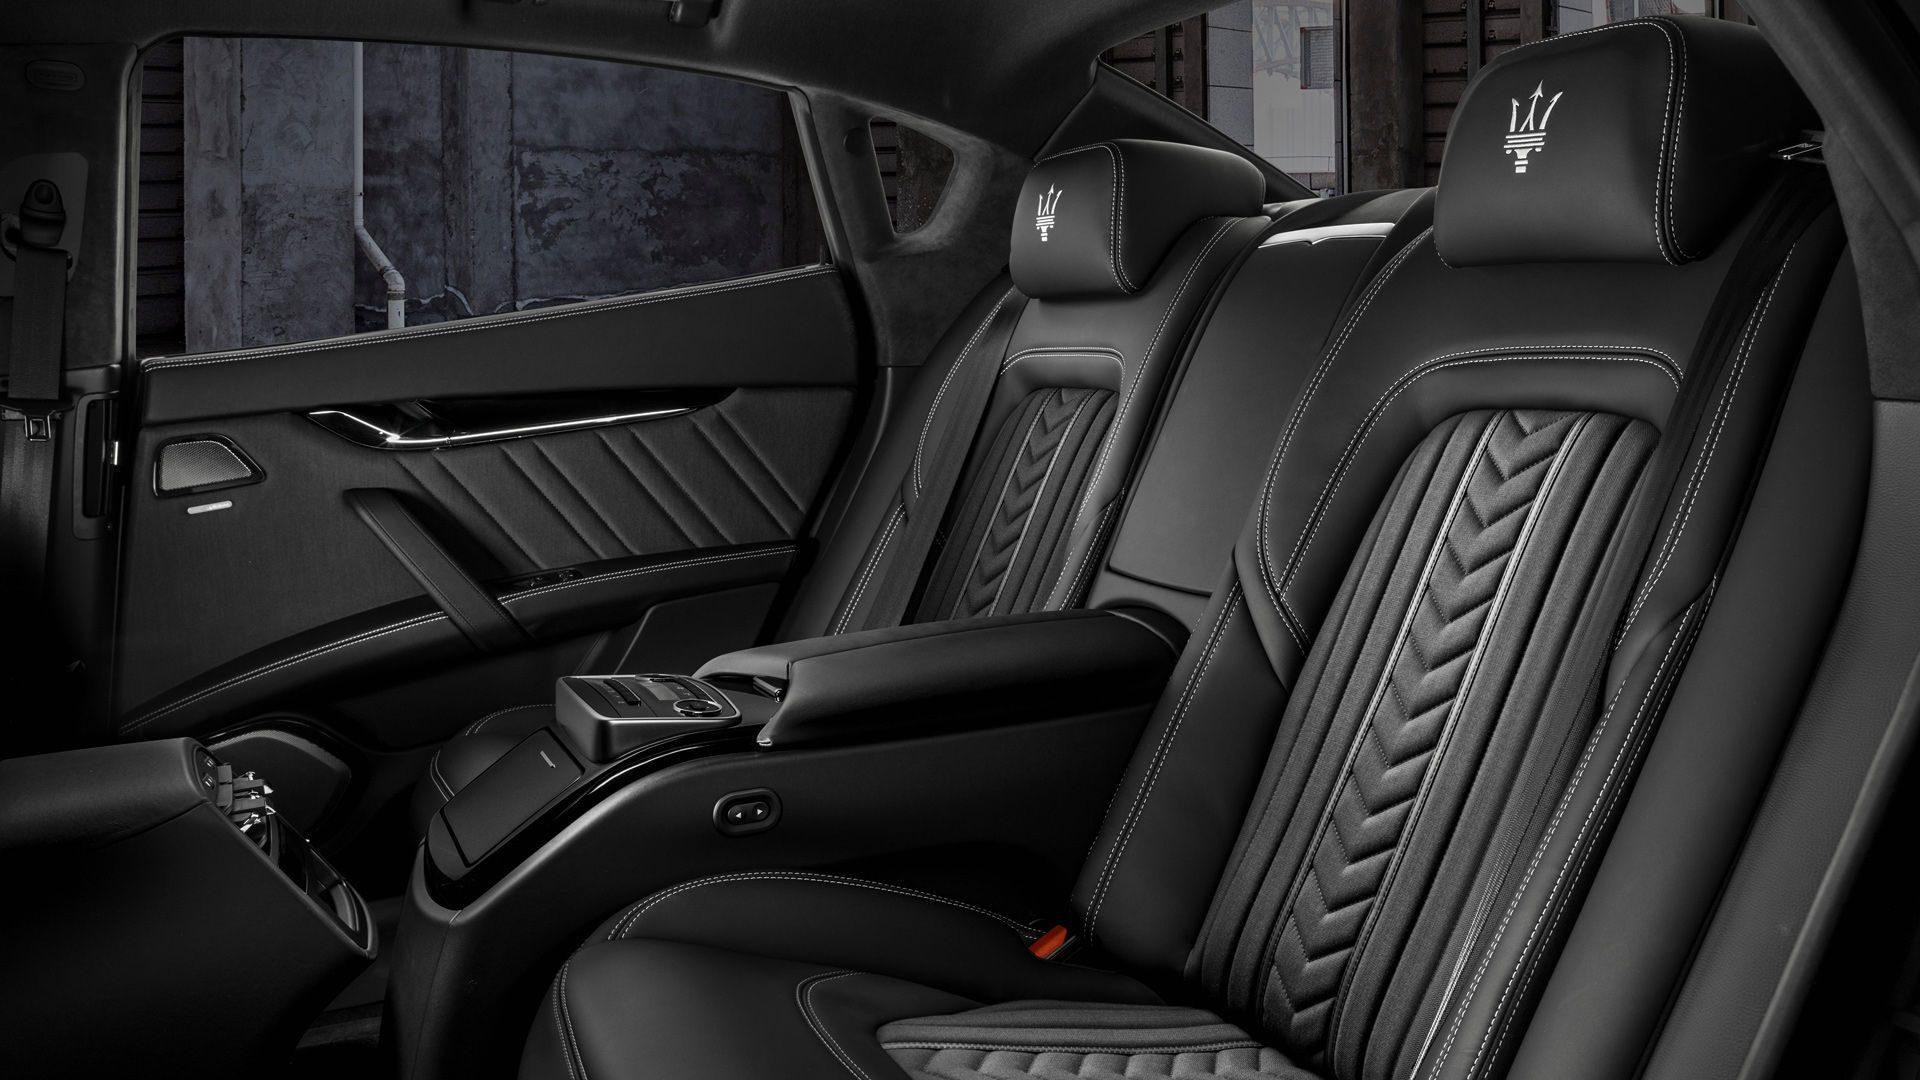 Open de deur van de Quattroporte en je ziet een combinatie van elegante Italiaanse stijl, de beste materialen en handgemaakte afwerkingen.